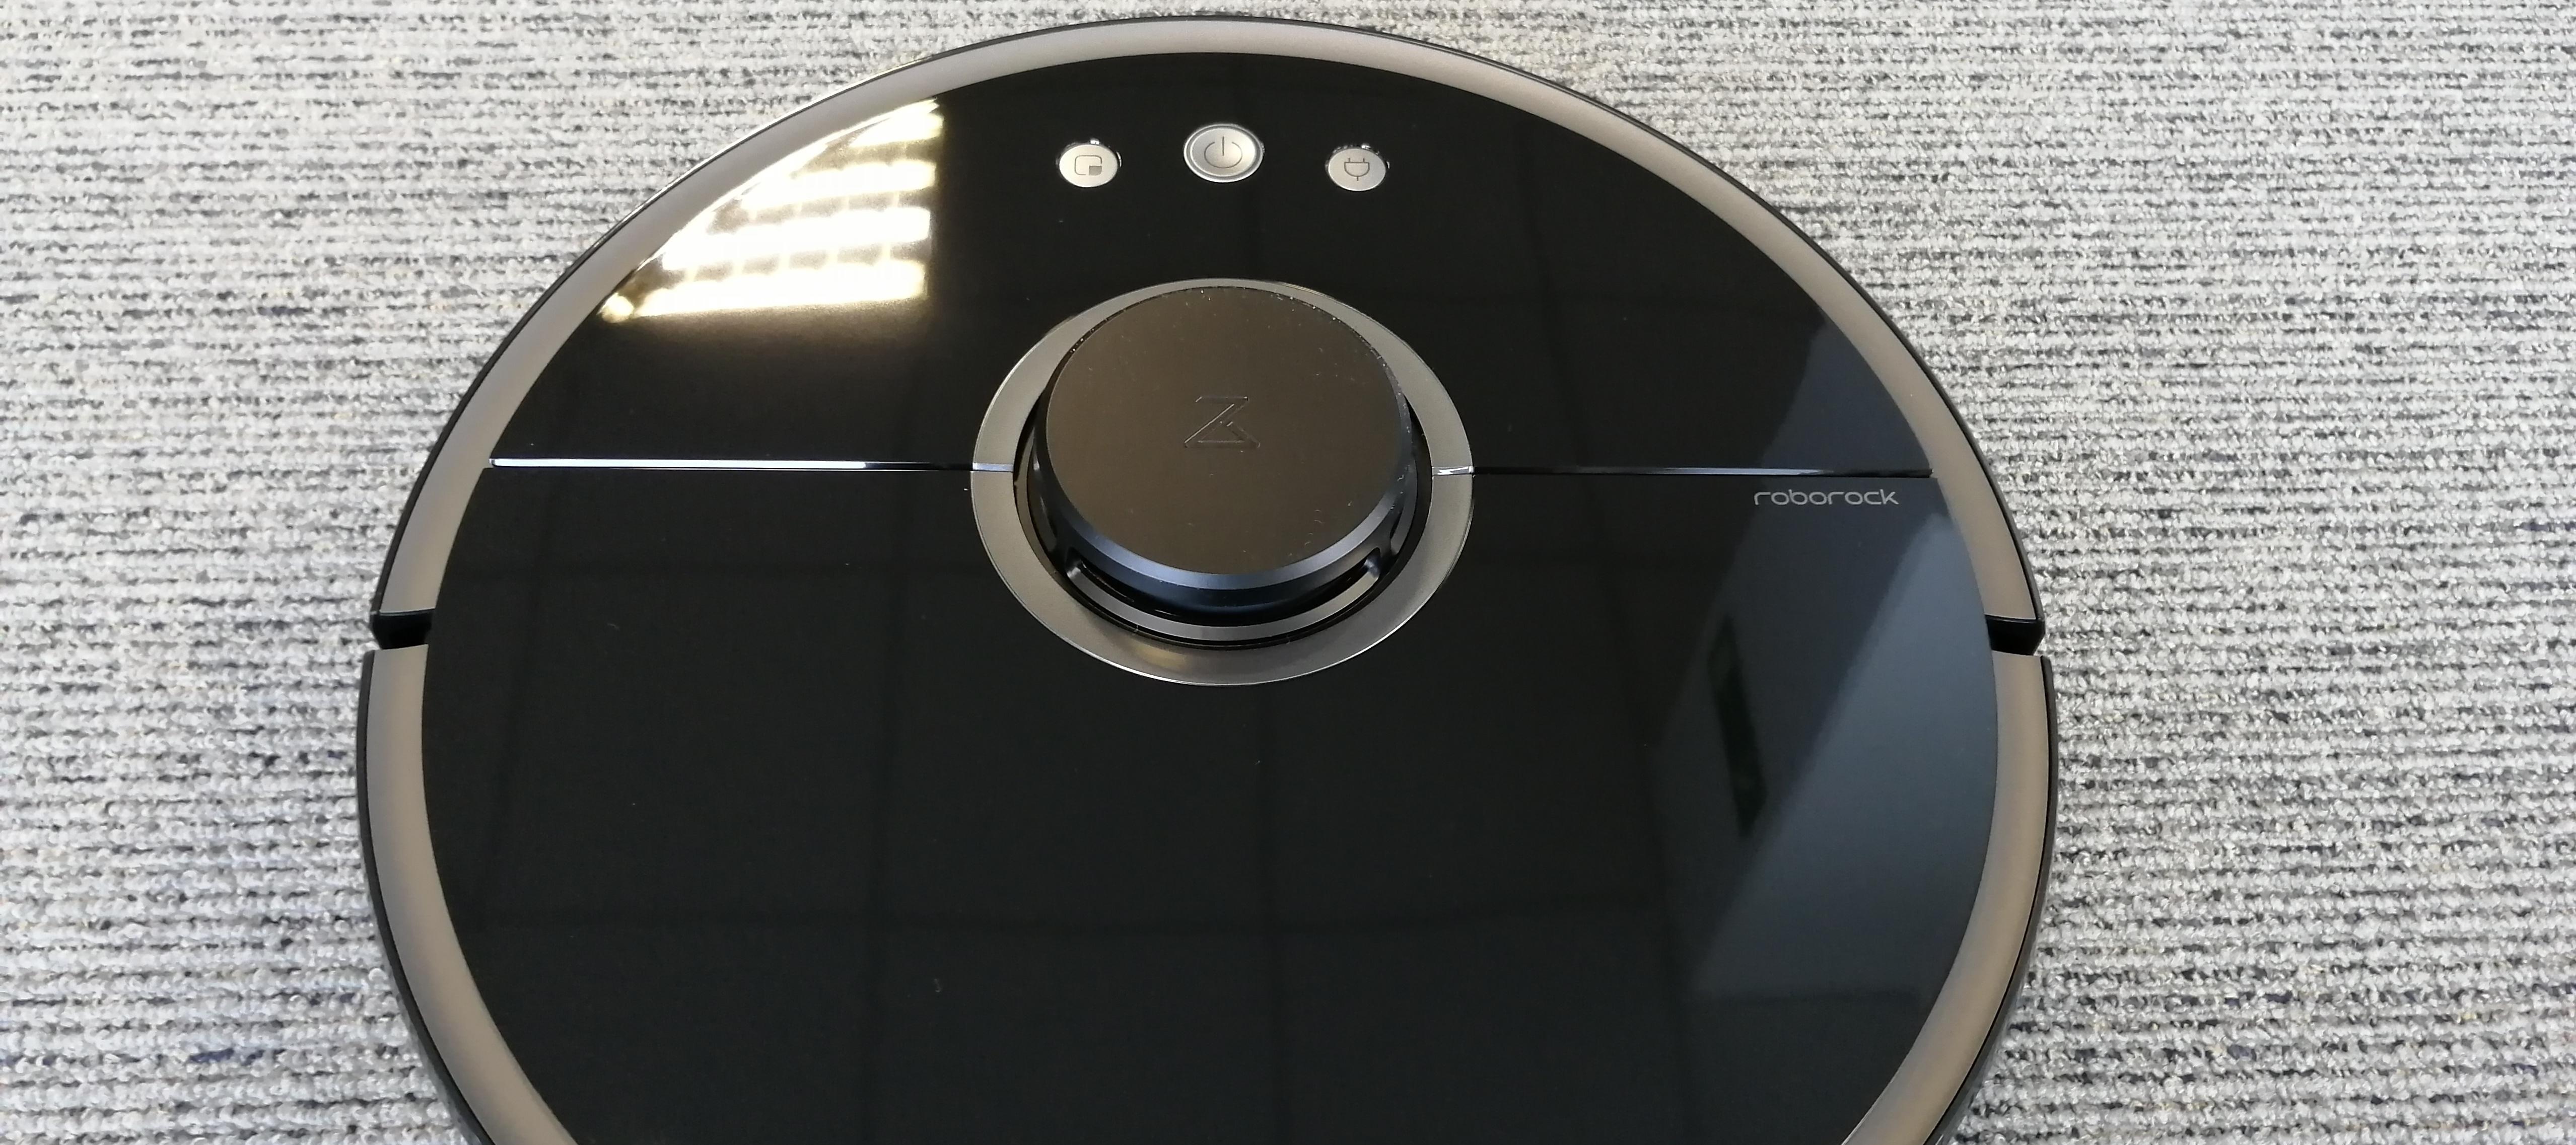 Xiaomi Roborock S5 - Vom Außenseiter zum Familienmitglied